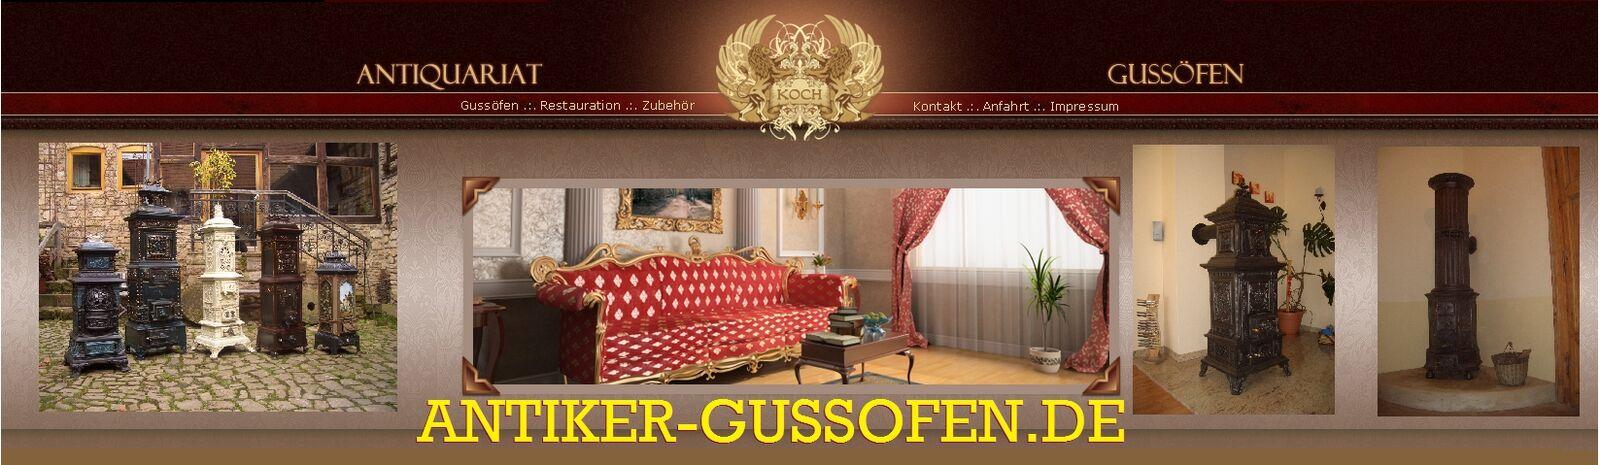 Antiker-Gussofen de